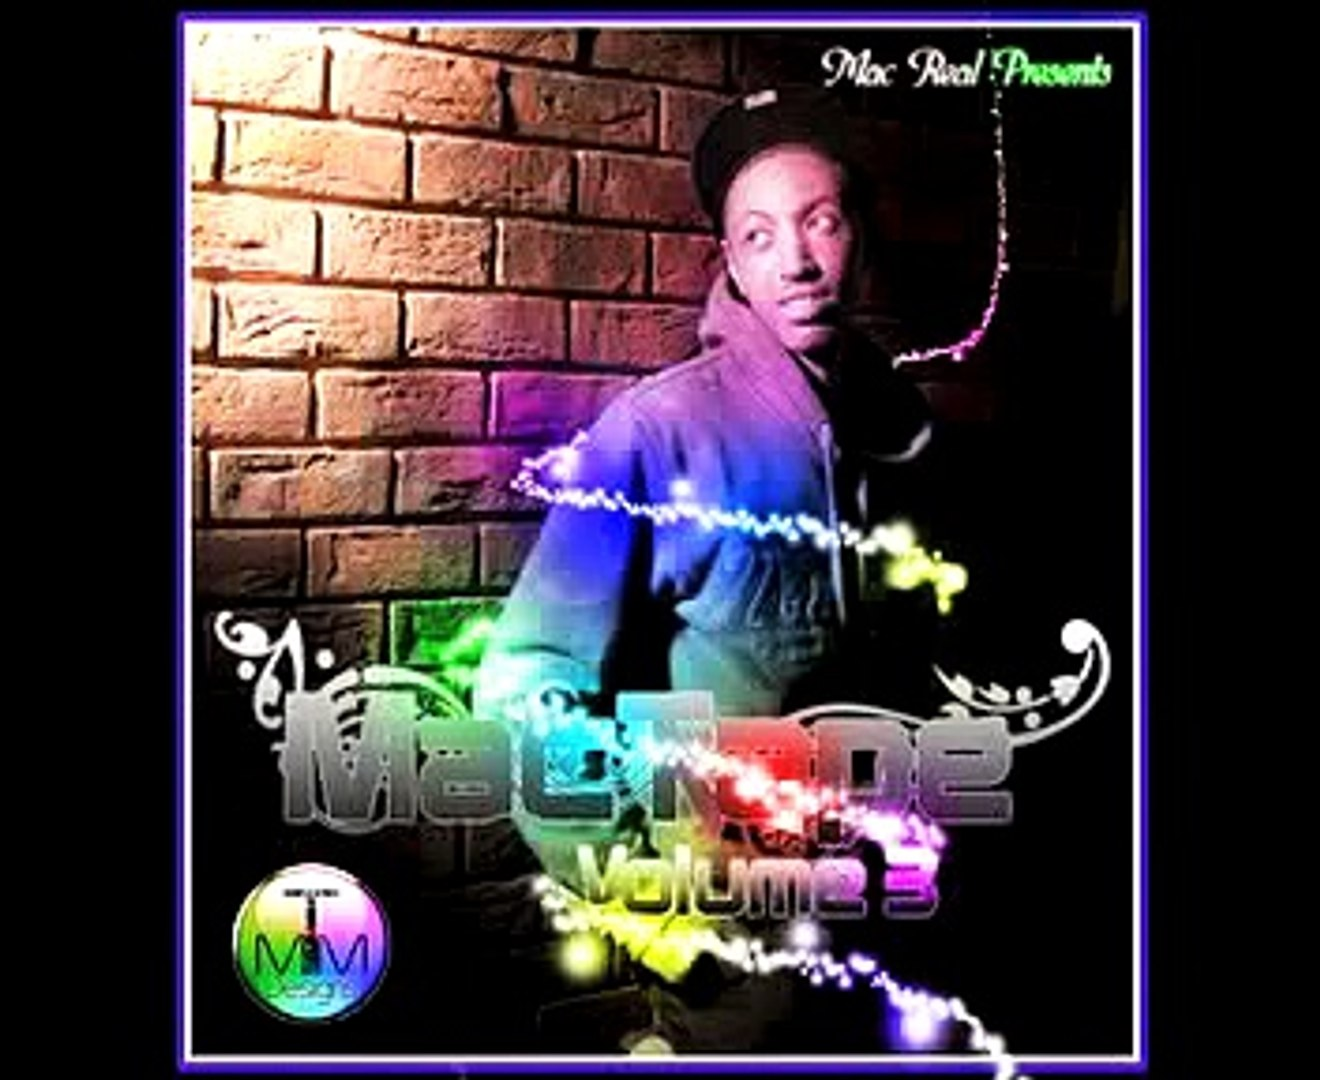 Mac Real - The Mac Tape Vol 3 Track 28 Mac Real - AYEZ K K KILLIN IT!!!!